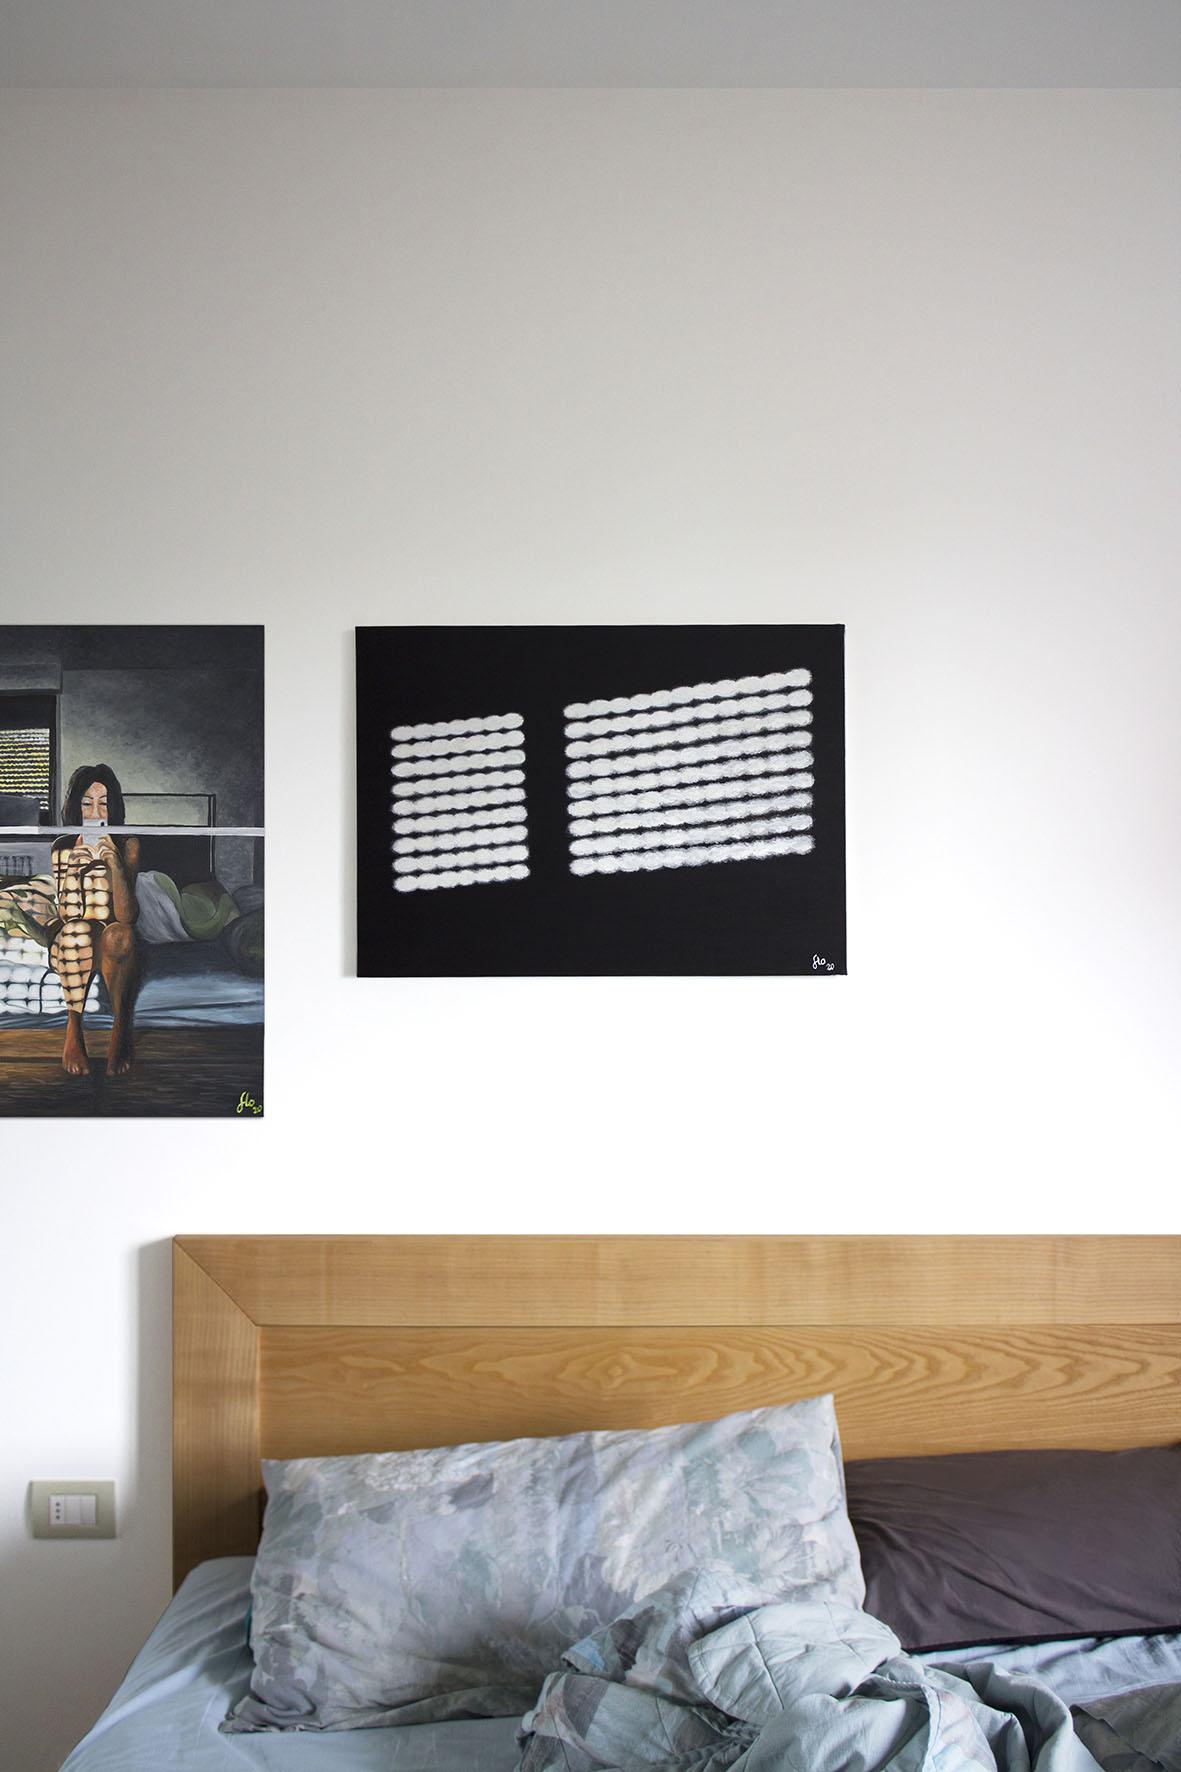 01_Bedroom interiorjpg